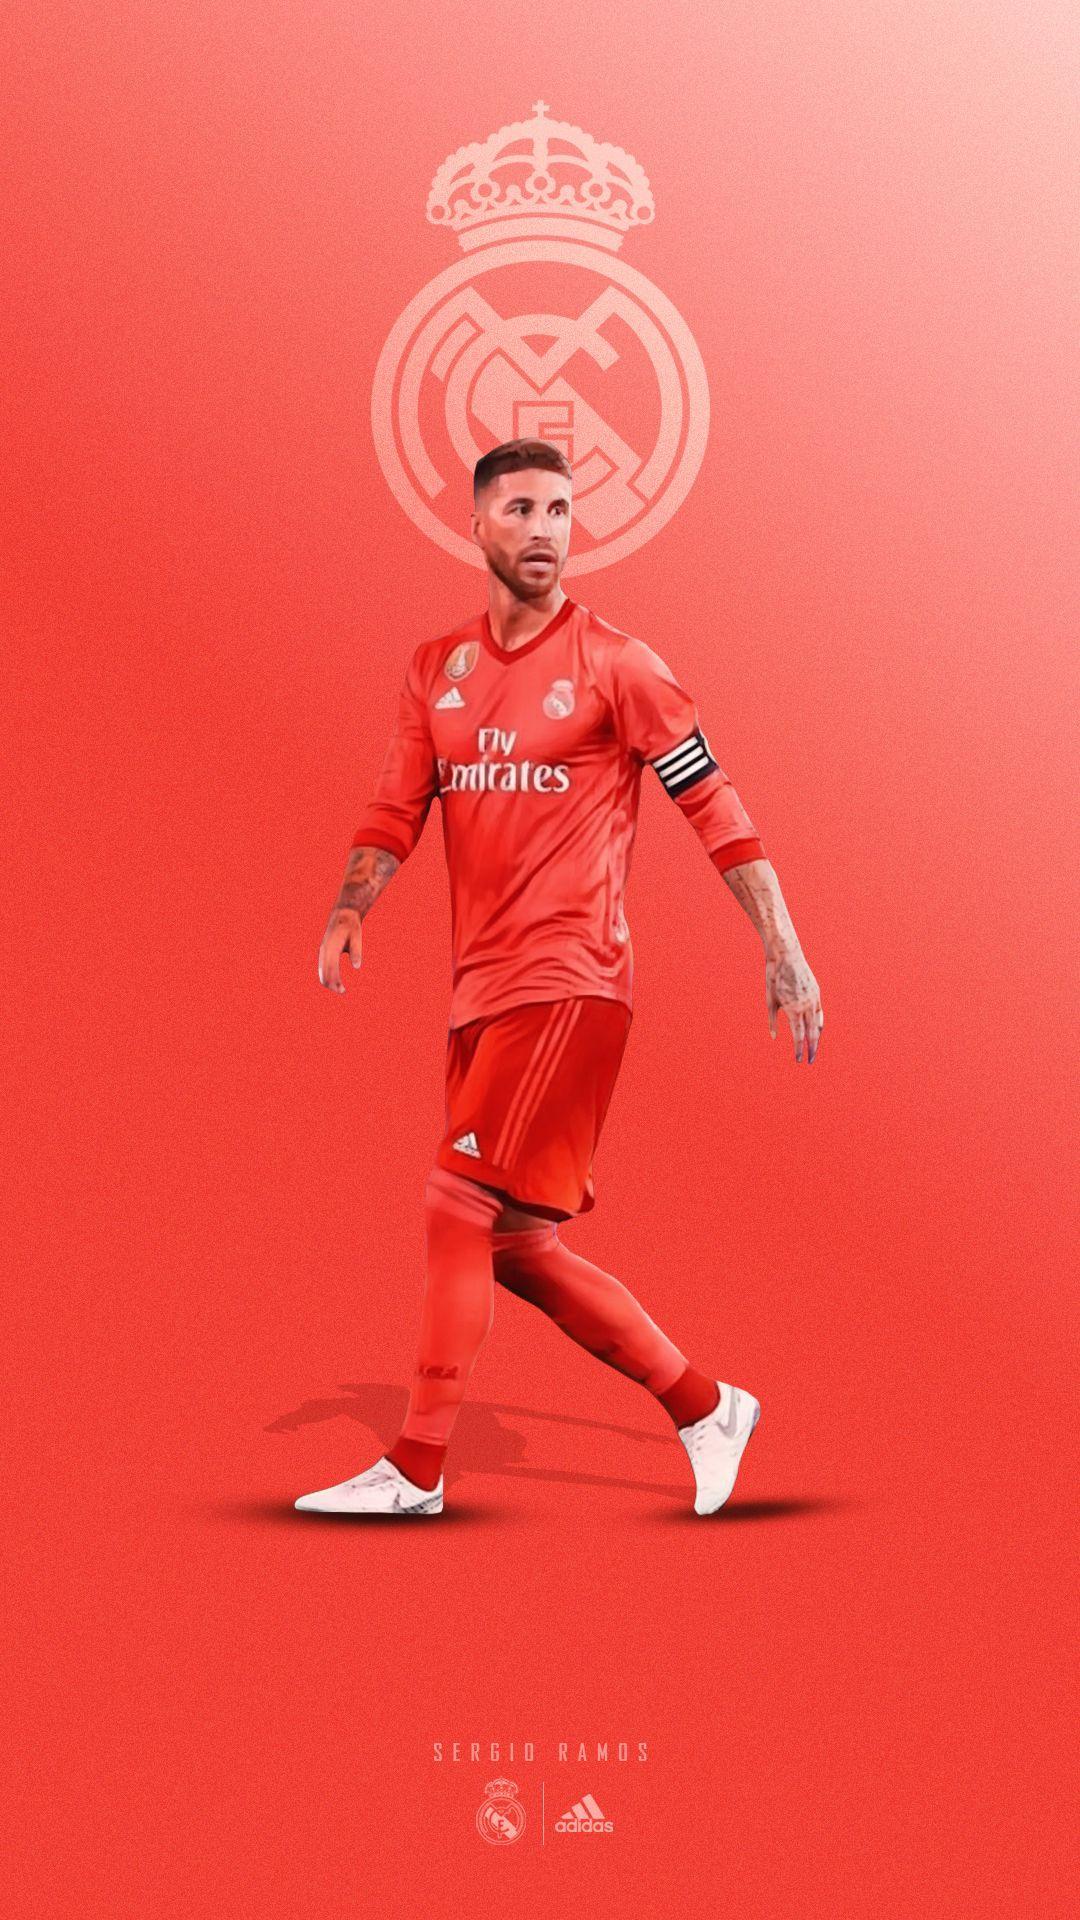 Sergio Ramos - 2020/2021 - Spieler - Fussballdaten |Sergio Ramos 2020 Drawing